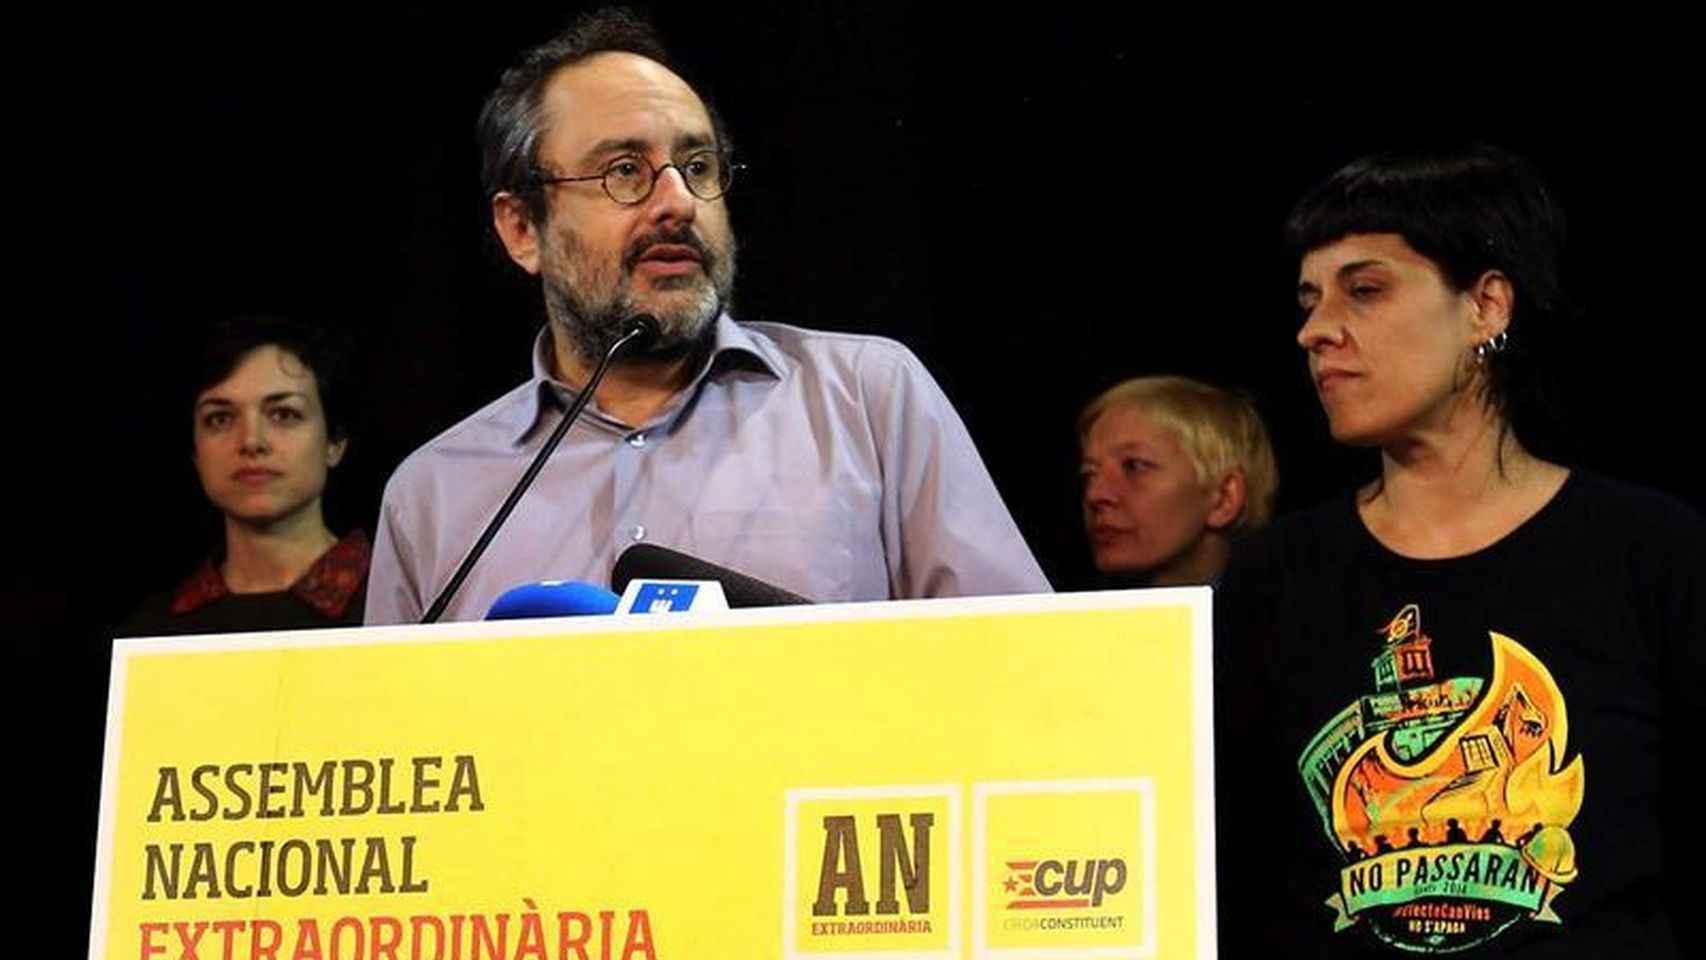 El presidente de la CUP en el Parlament, Antonio Baños, y su portavoz parlamentaria, Anna Gabriel.